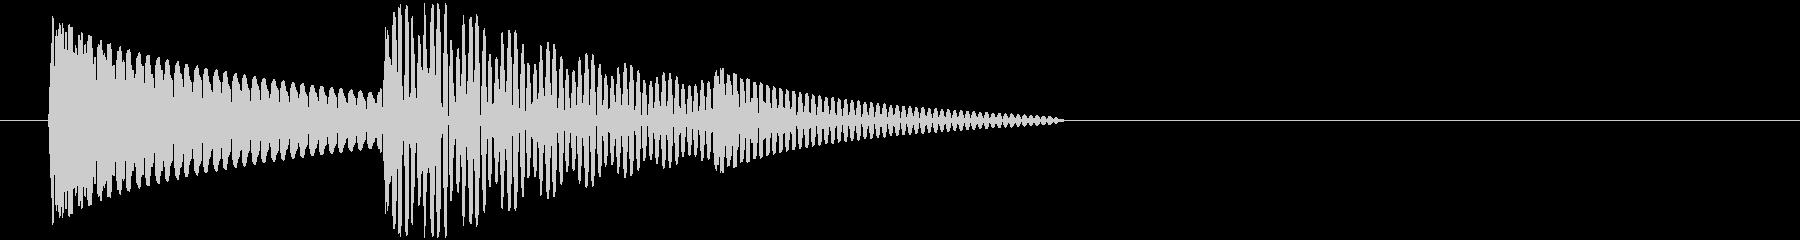 ポテッ ポコッ 短く倒れるようなシンセ音の未再生の波形